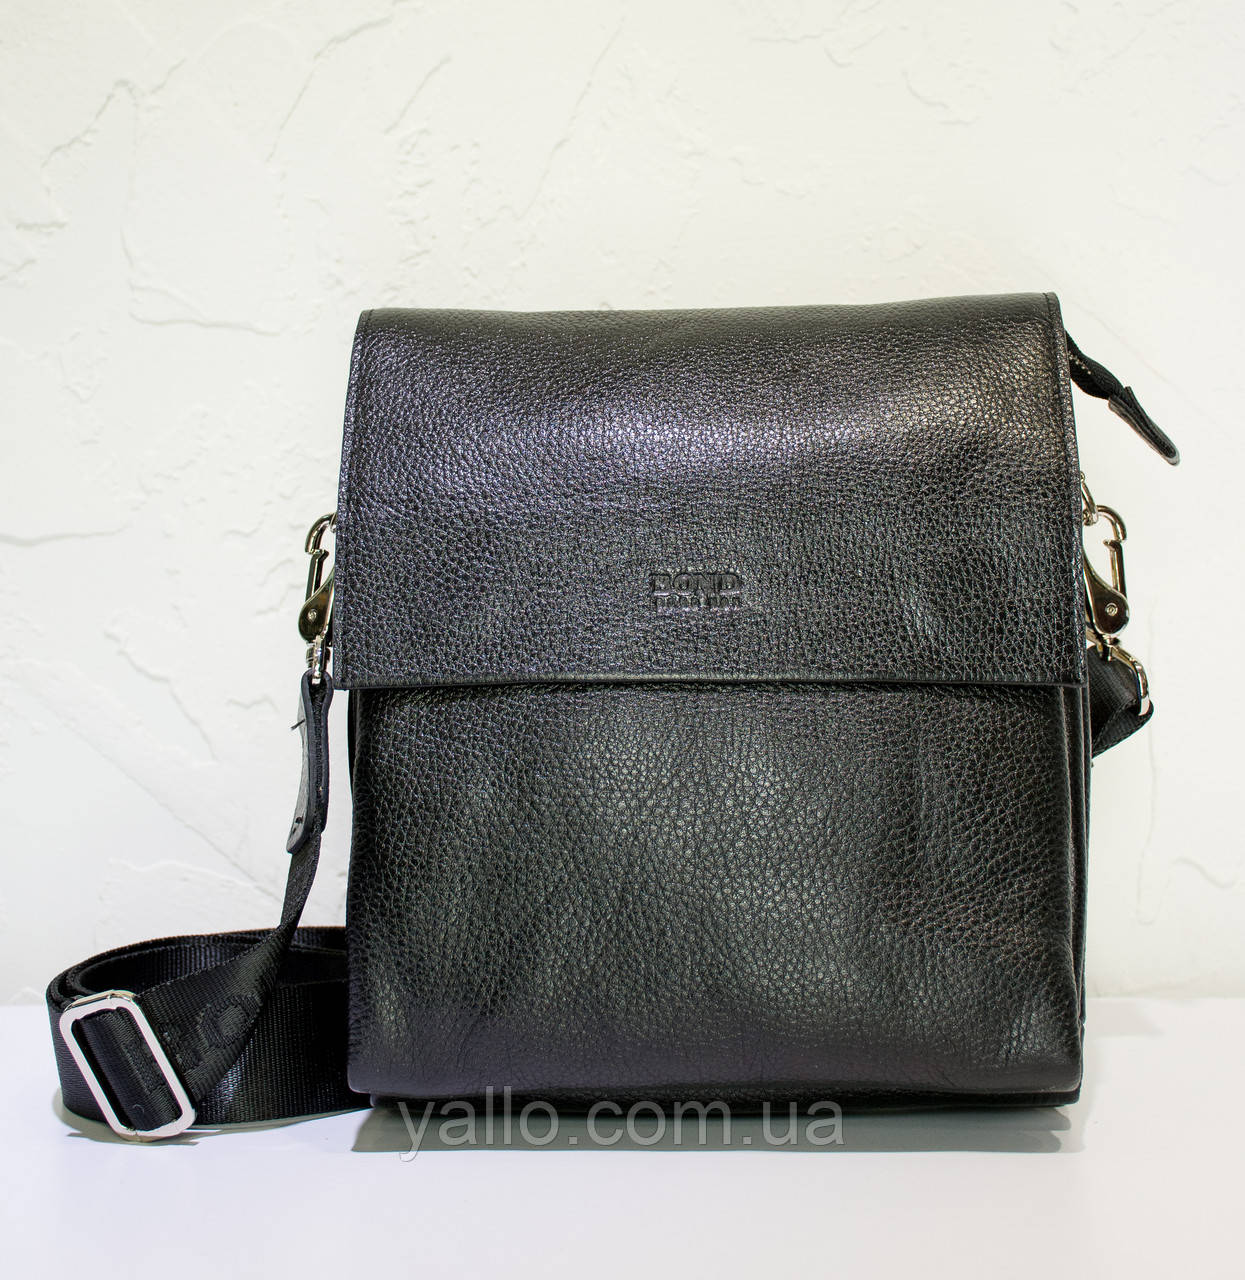 Мужская кожаная сумка BOND 1363-281